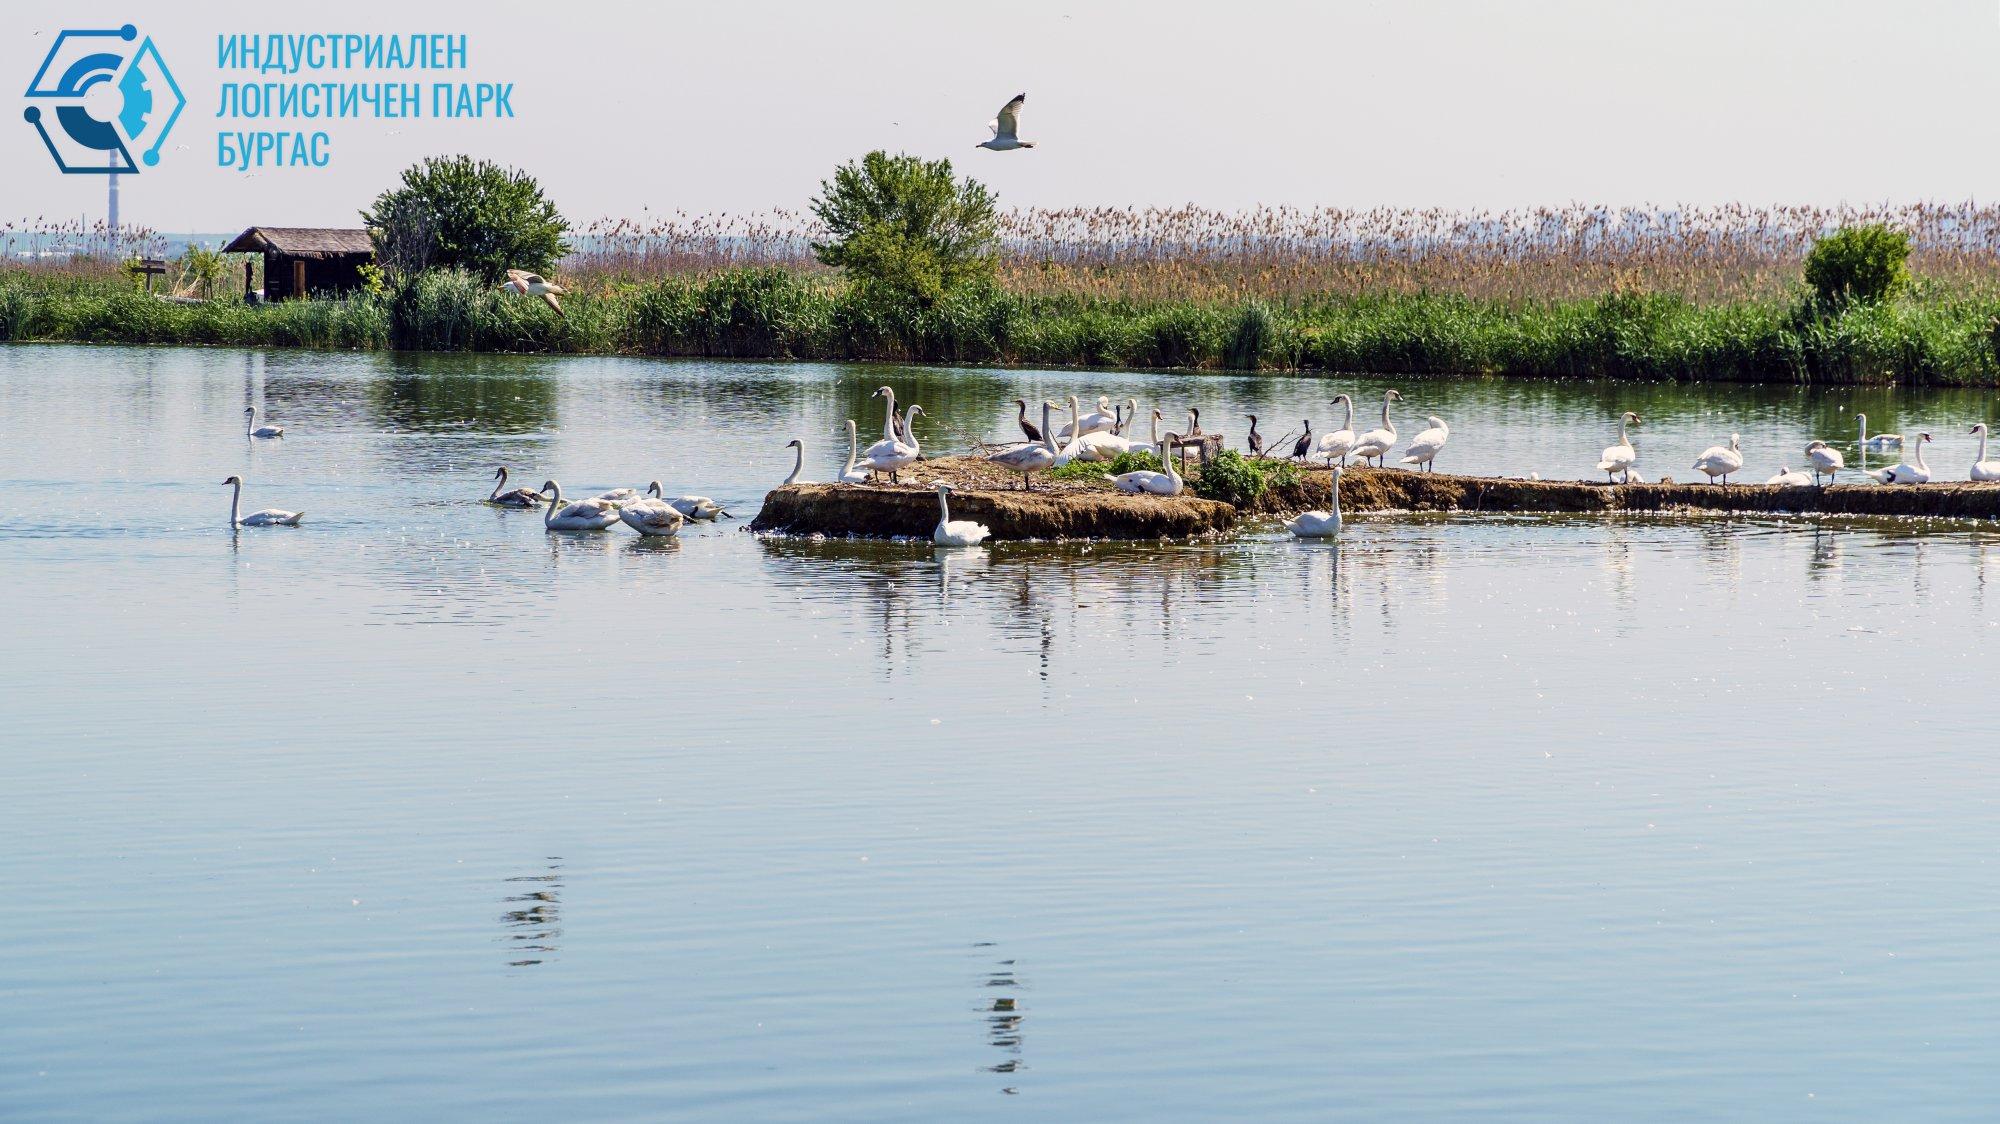 Съжителство - птици, езеро, природа и индустрия